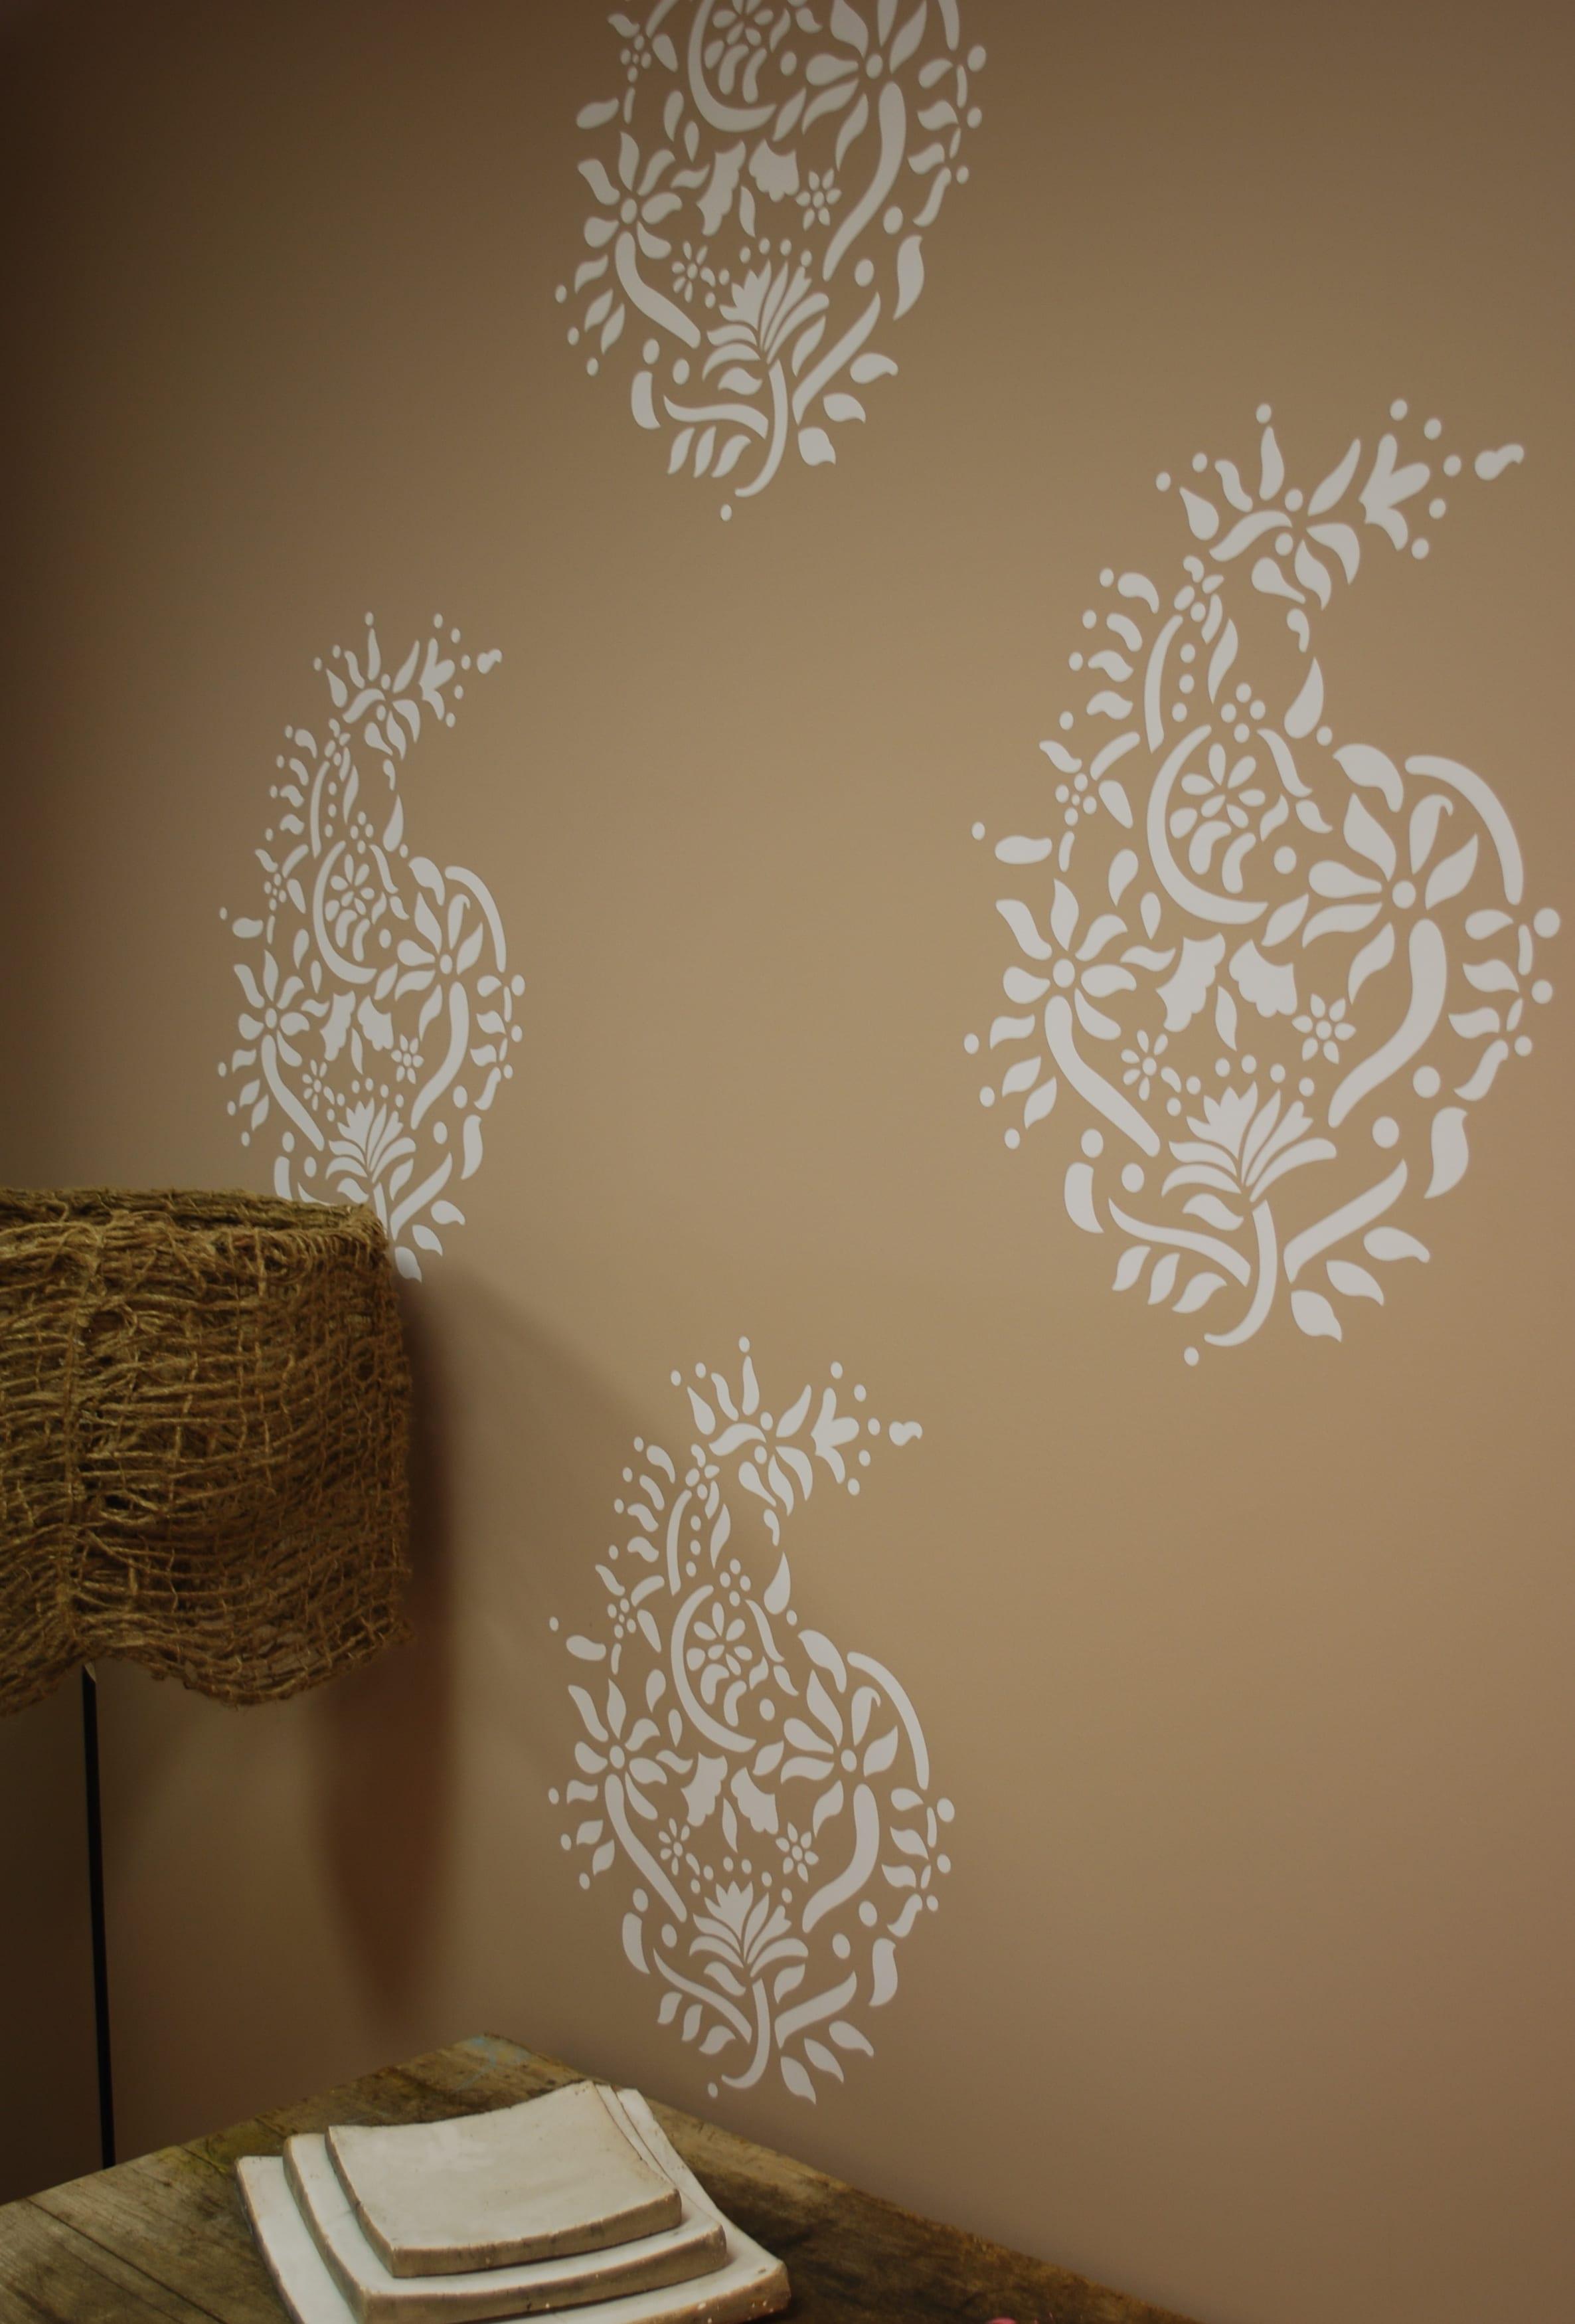 interessante wandtattoos schlafzimmer - wand farbgestaltung idee